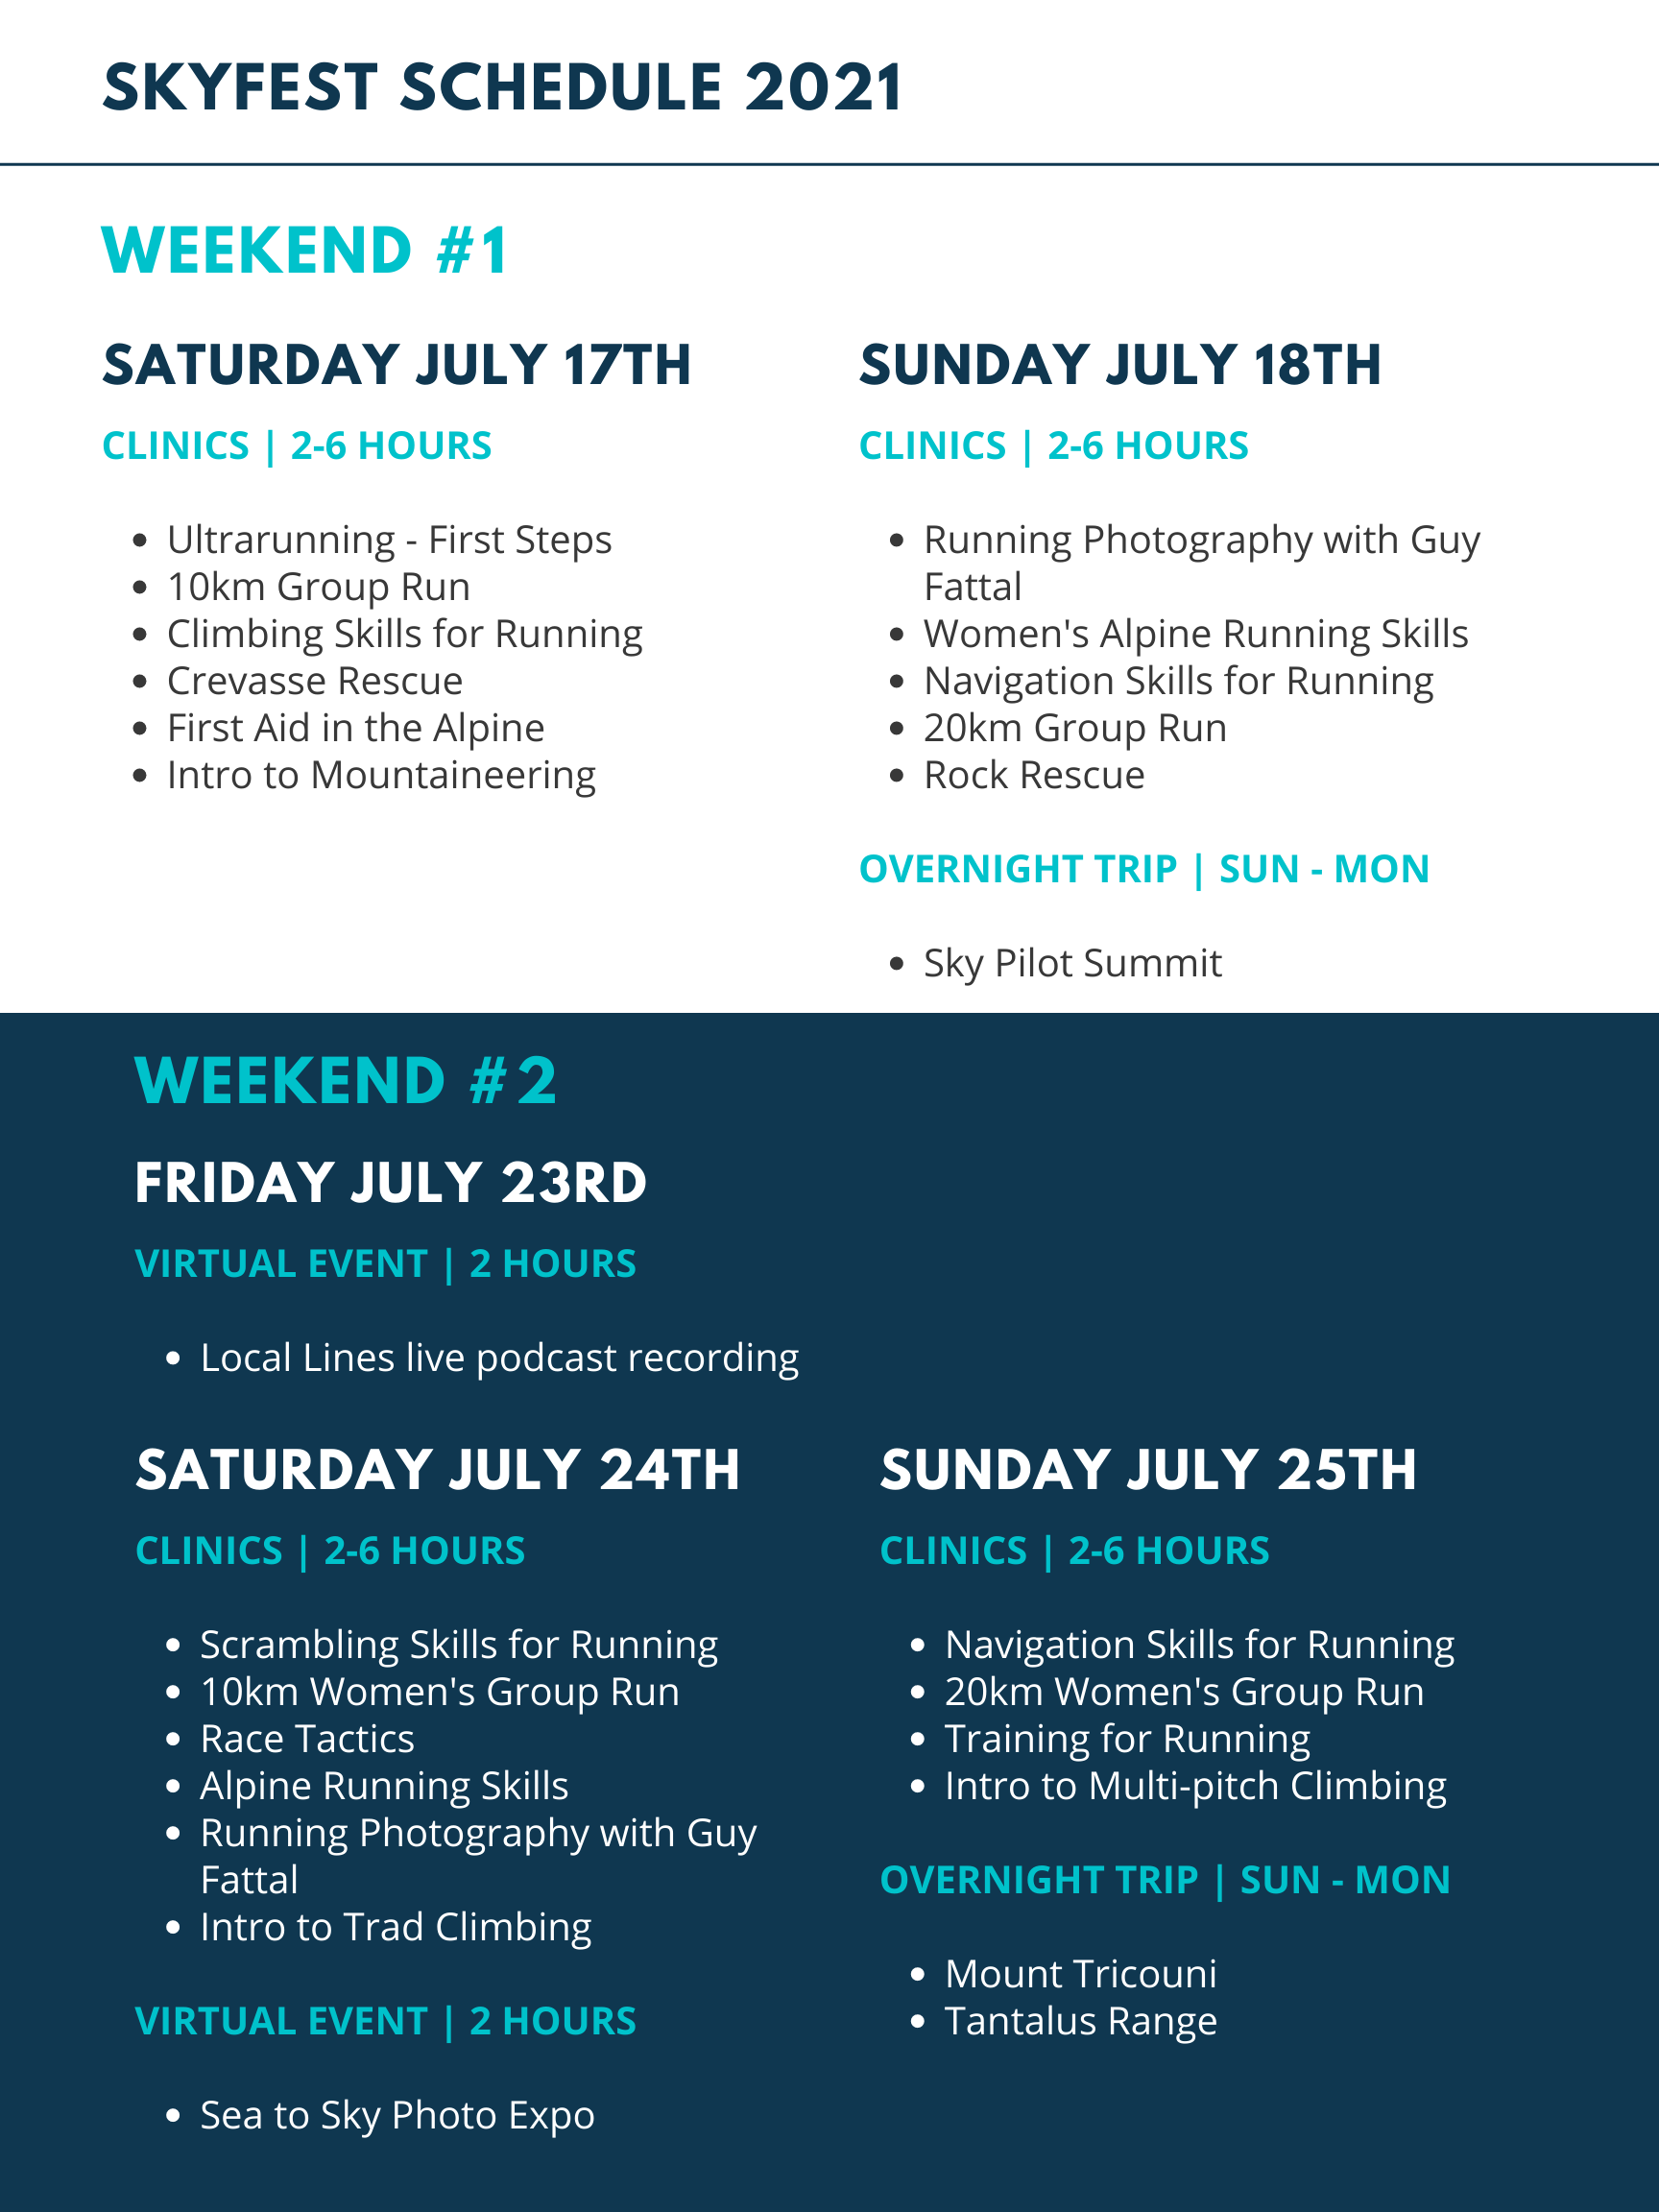 Skyfest schedule (2)